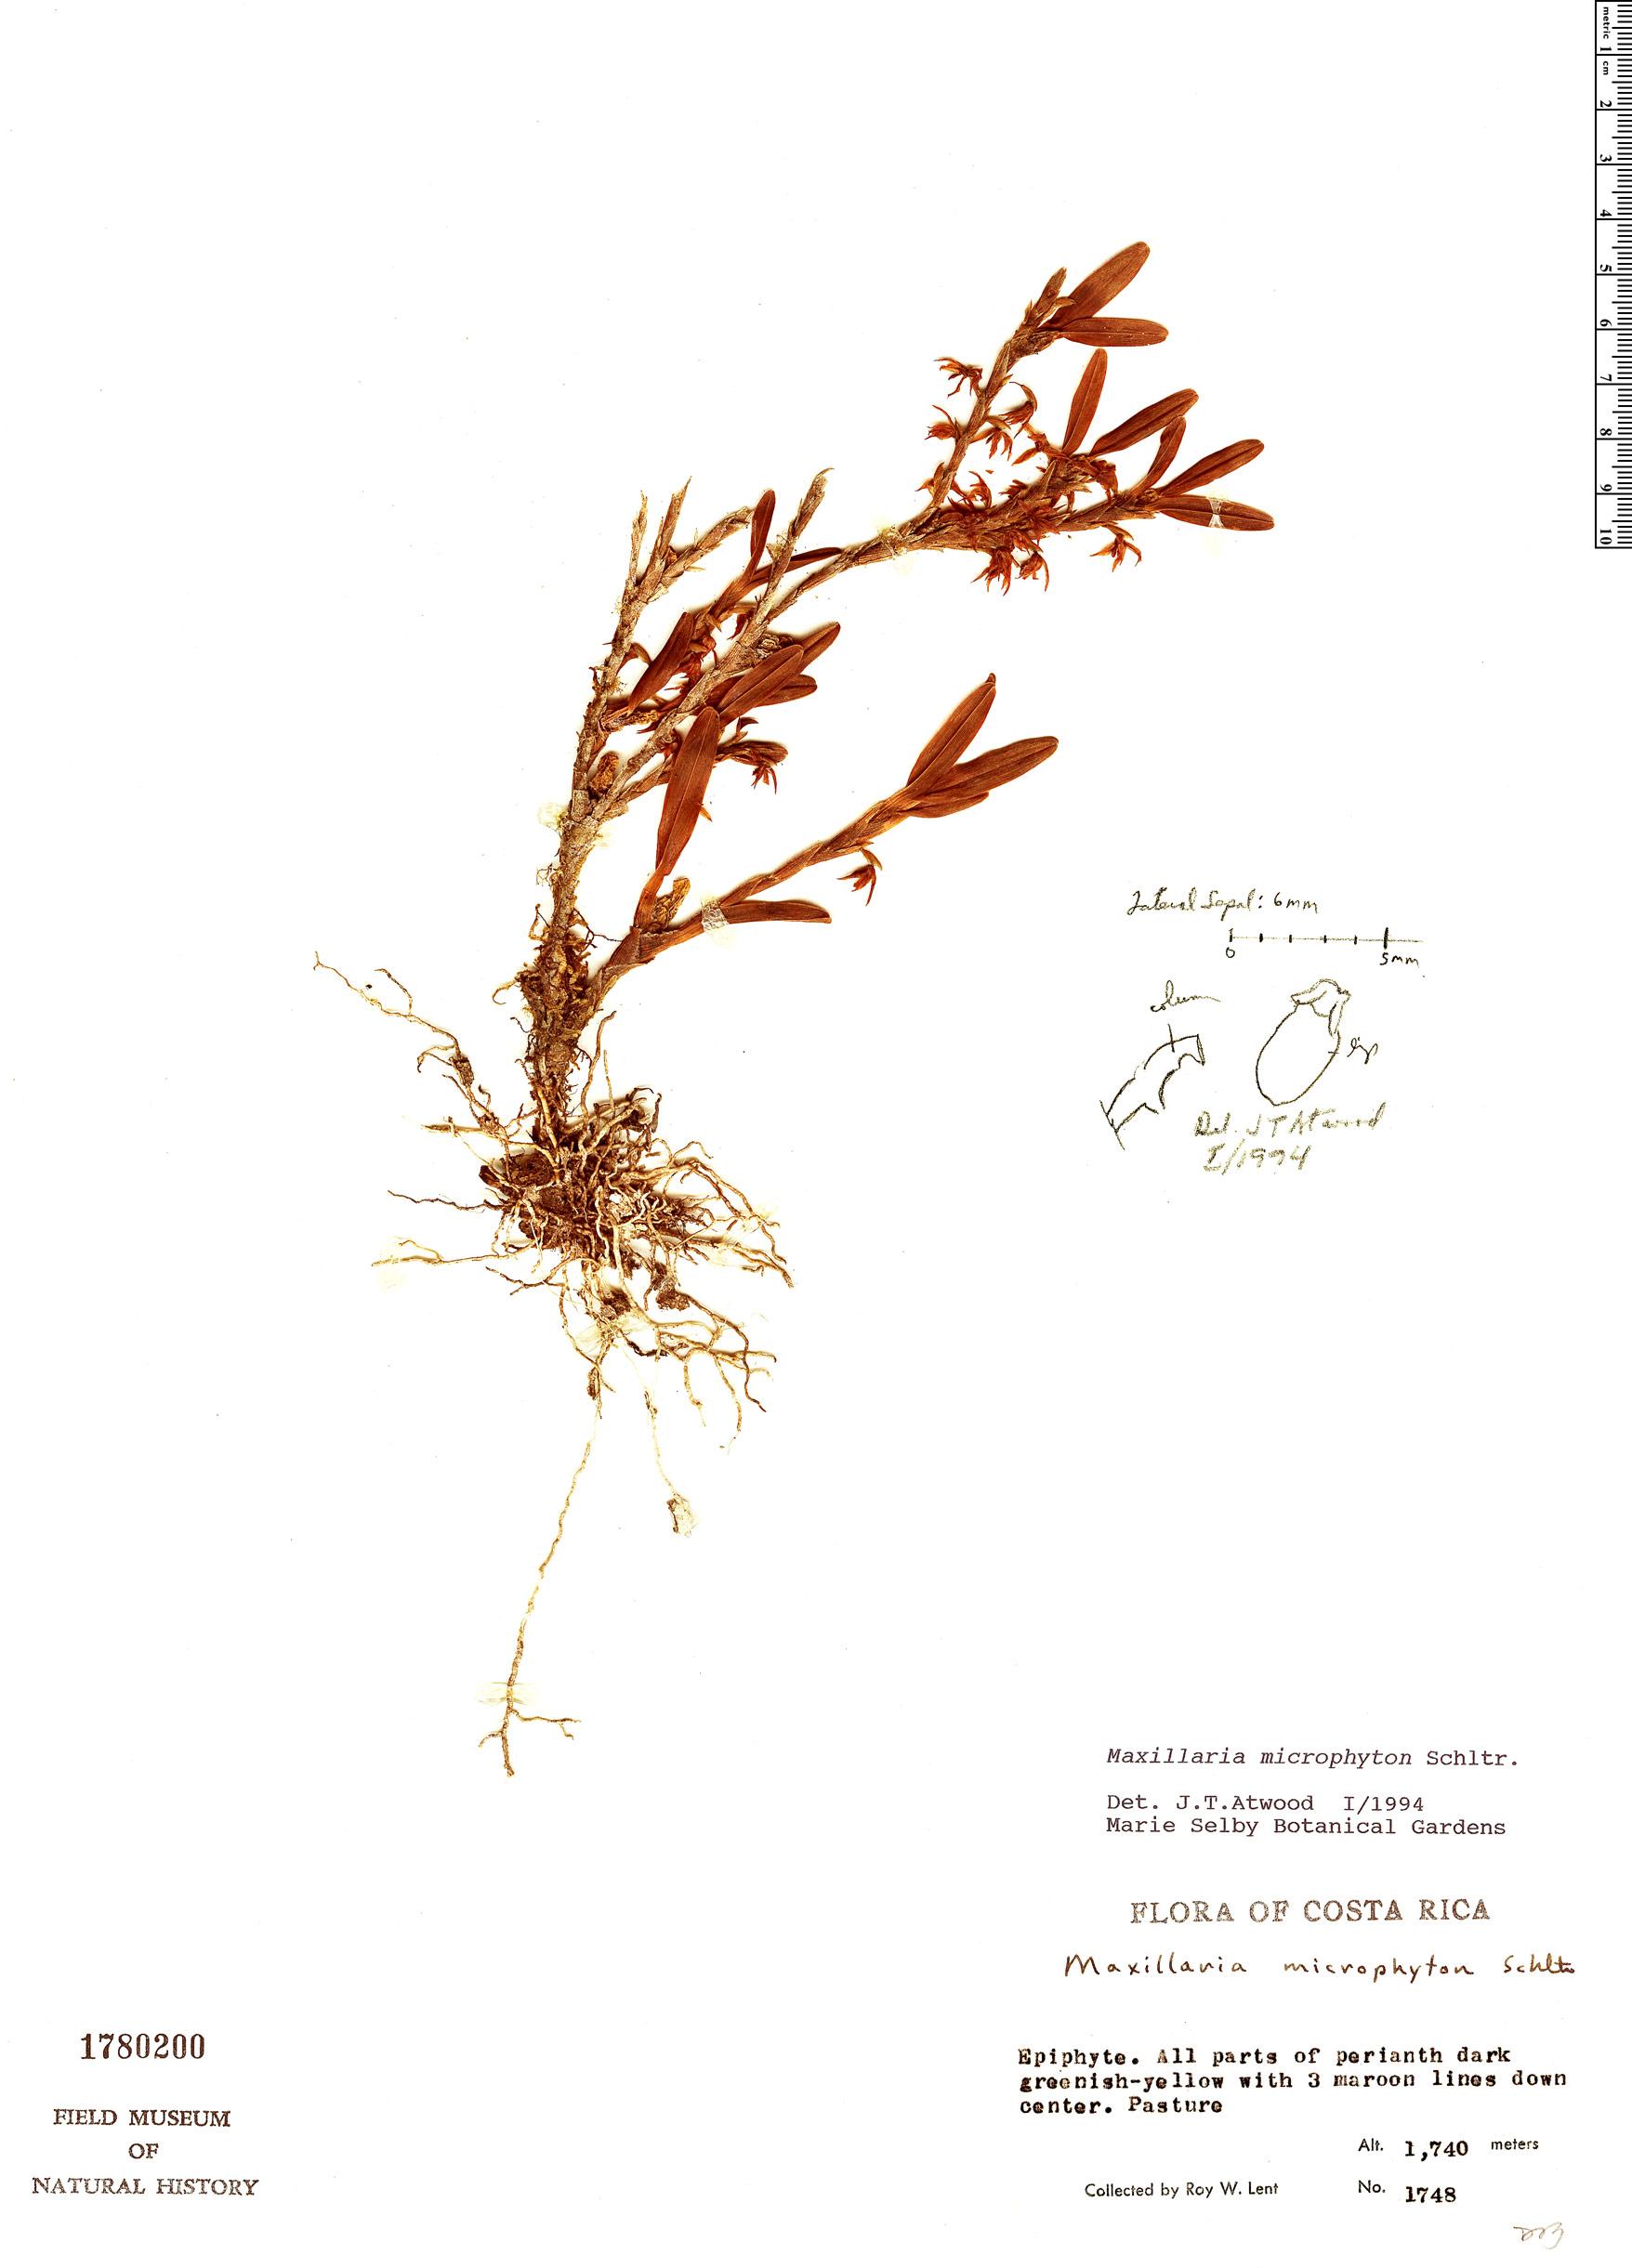 Specimen: Maxillaria microphyton